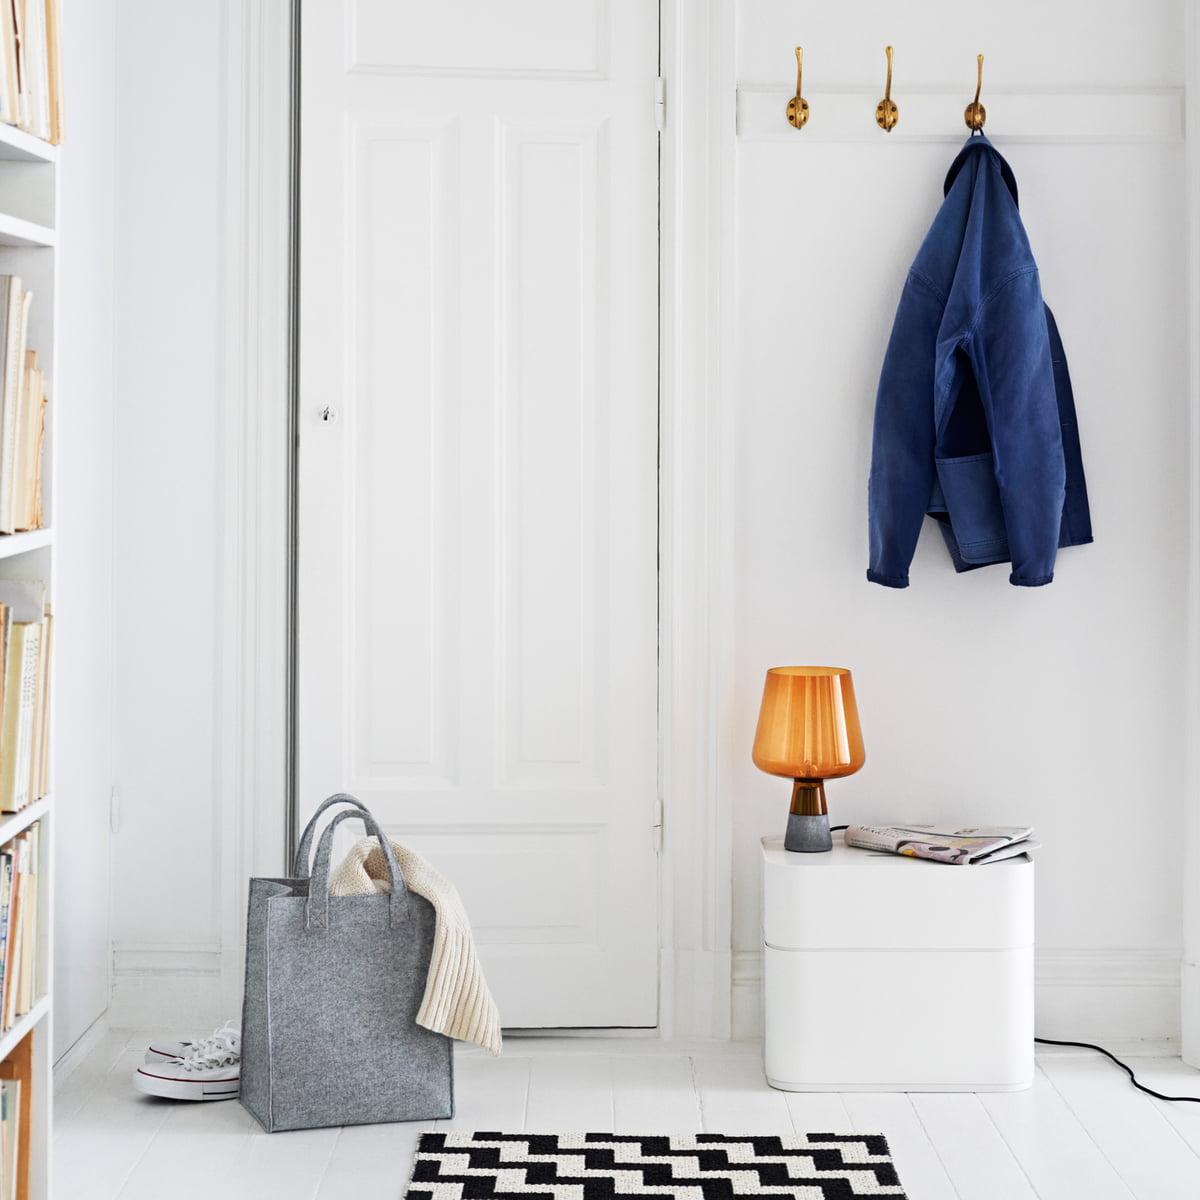 Die Iittala Leimu Leuchte im Wohndesign-Shop